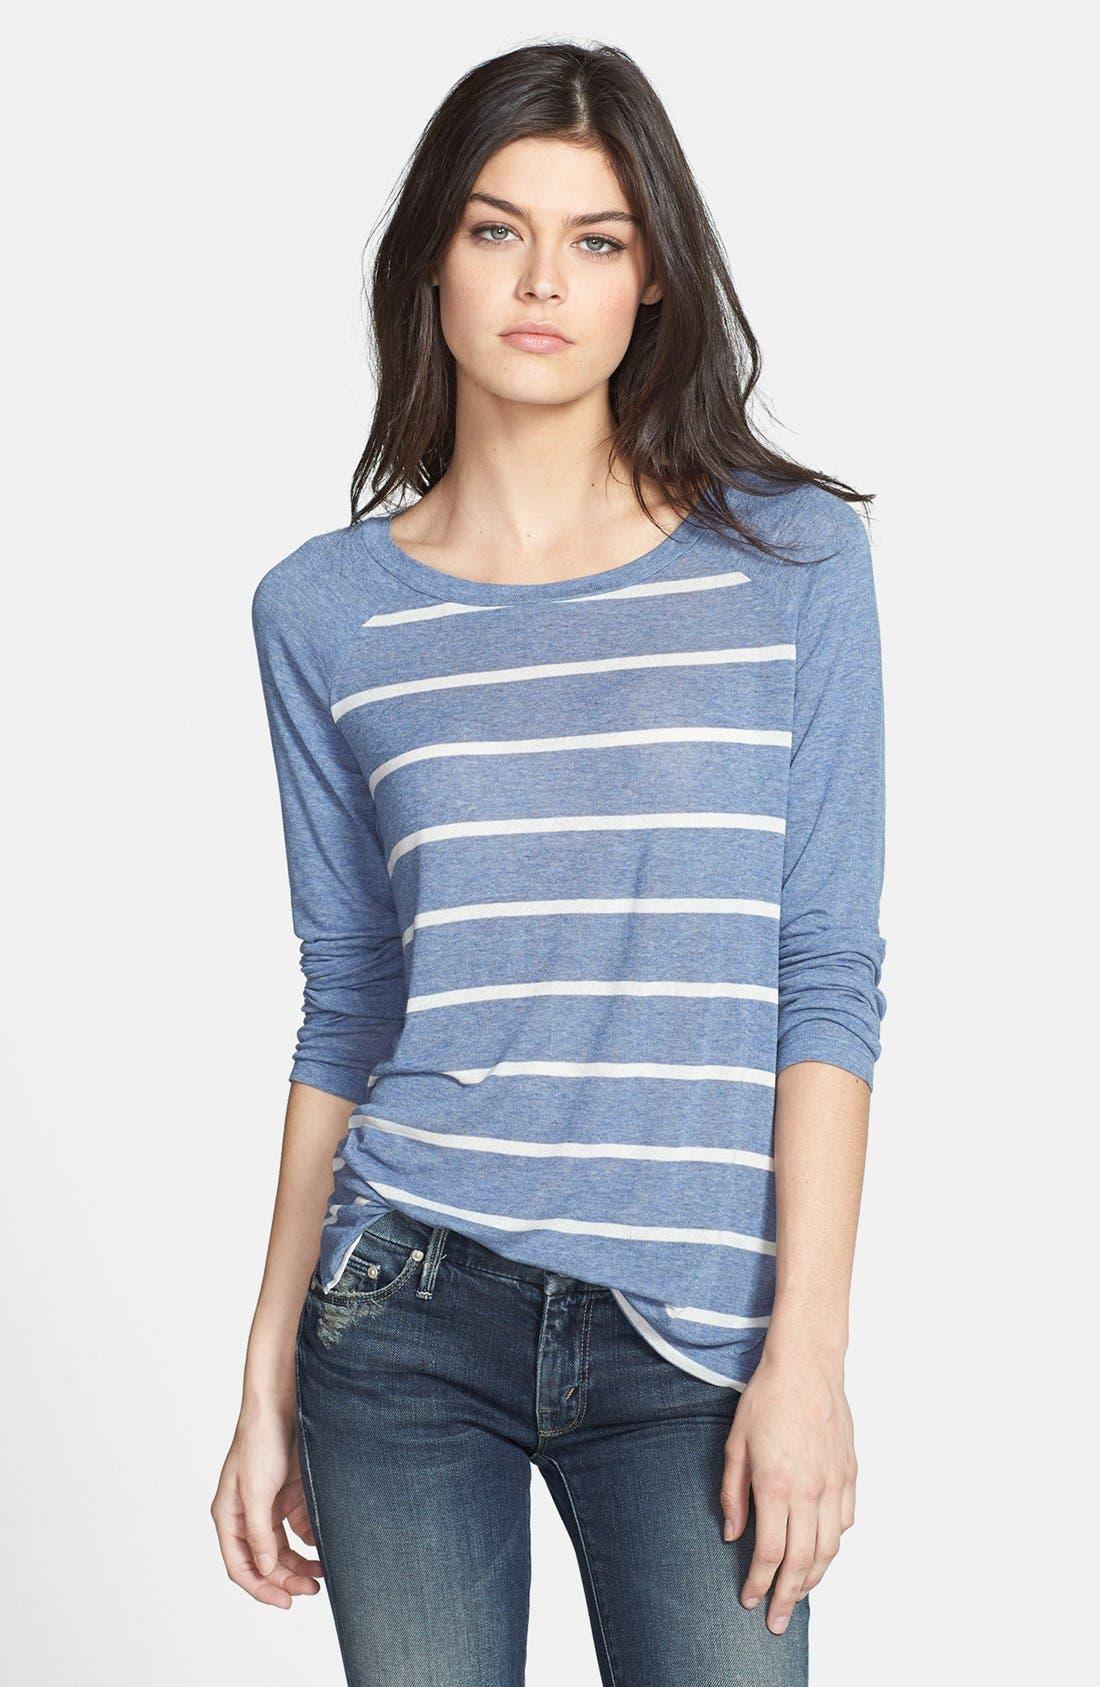 Alternate Image 1 Selected - Splendid Stripe Raglan Sleeve Top